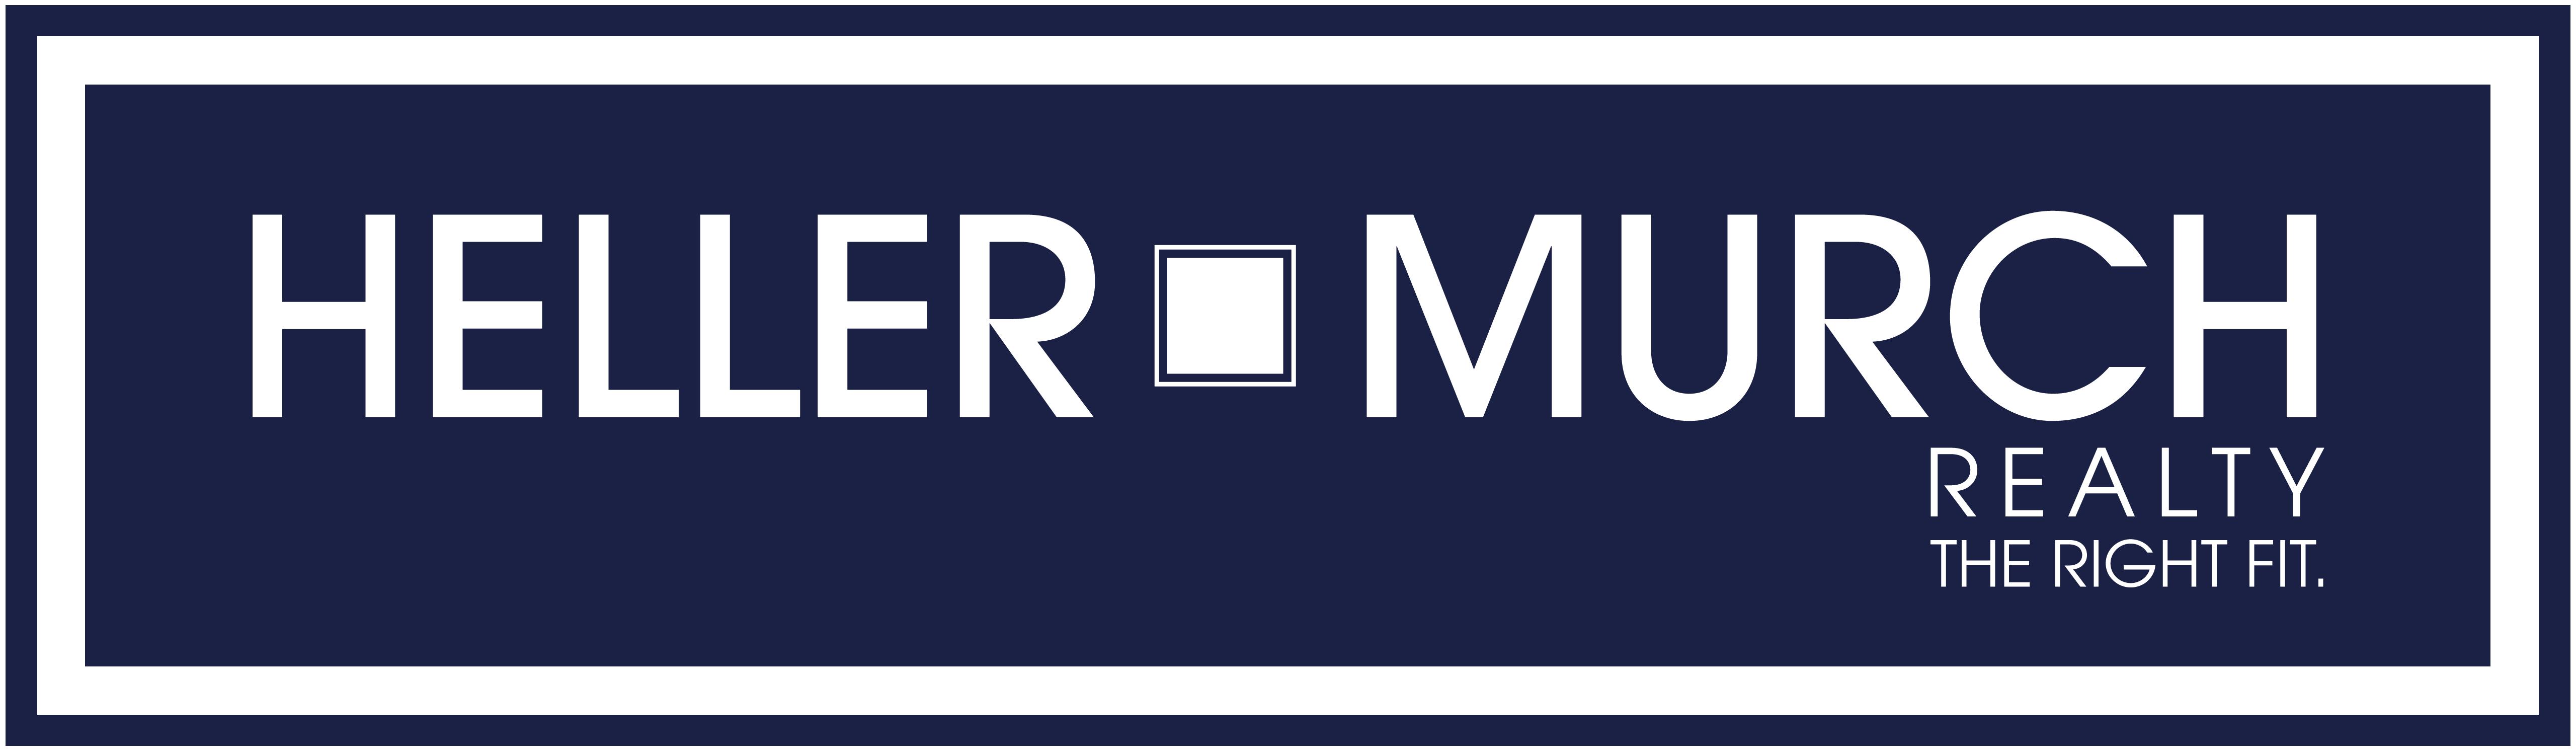 Heller Murch Logo